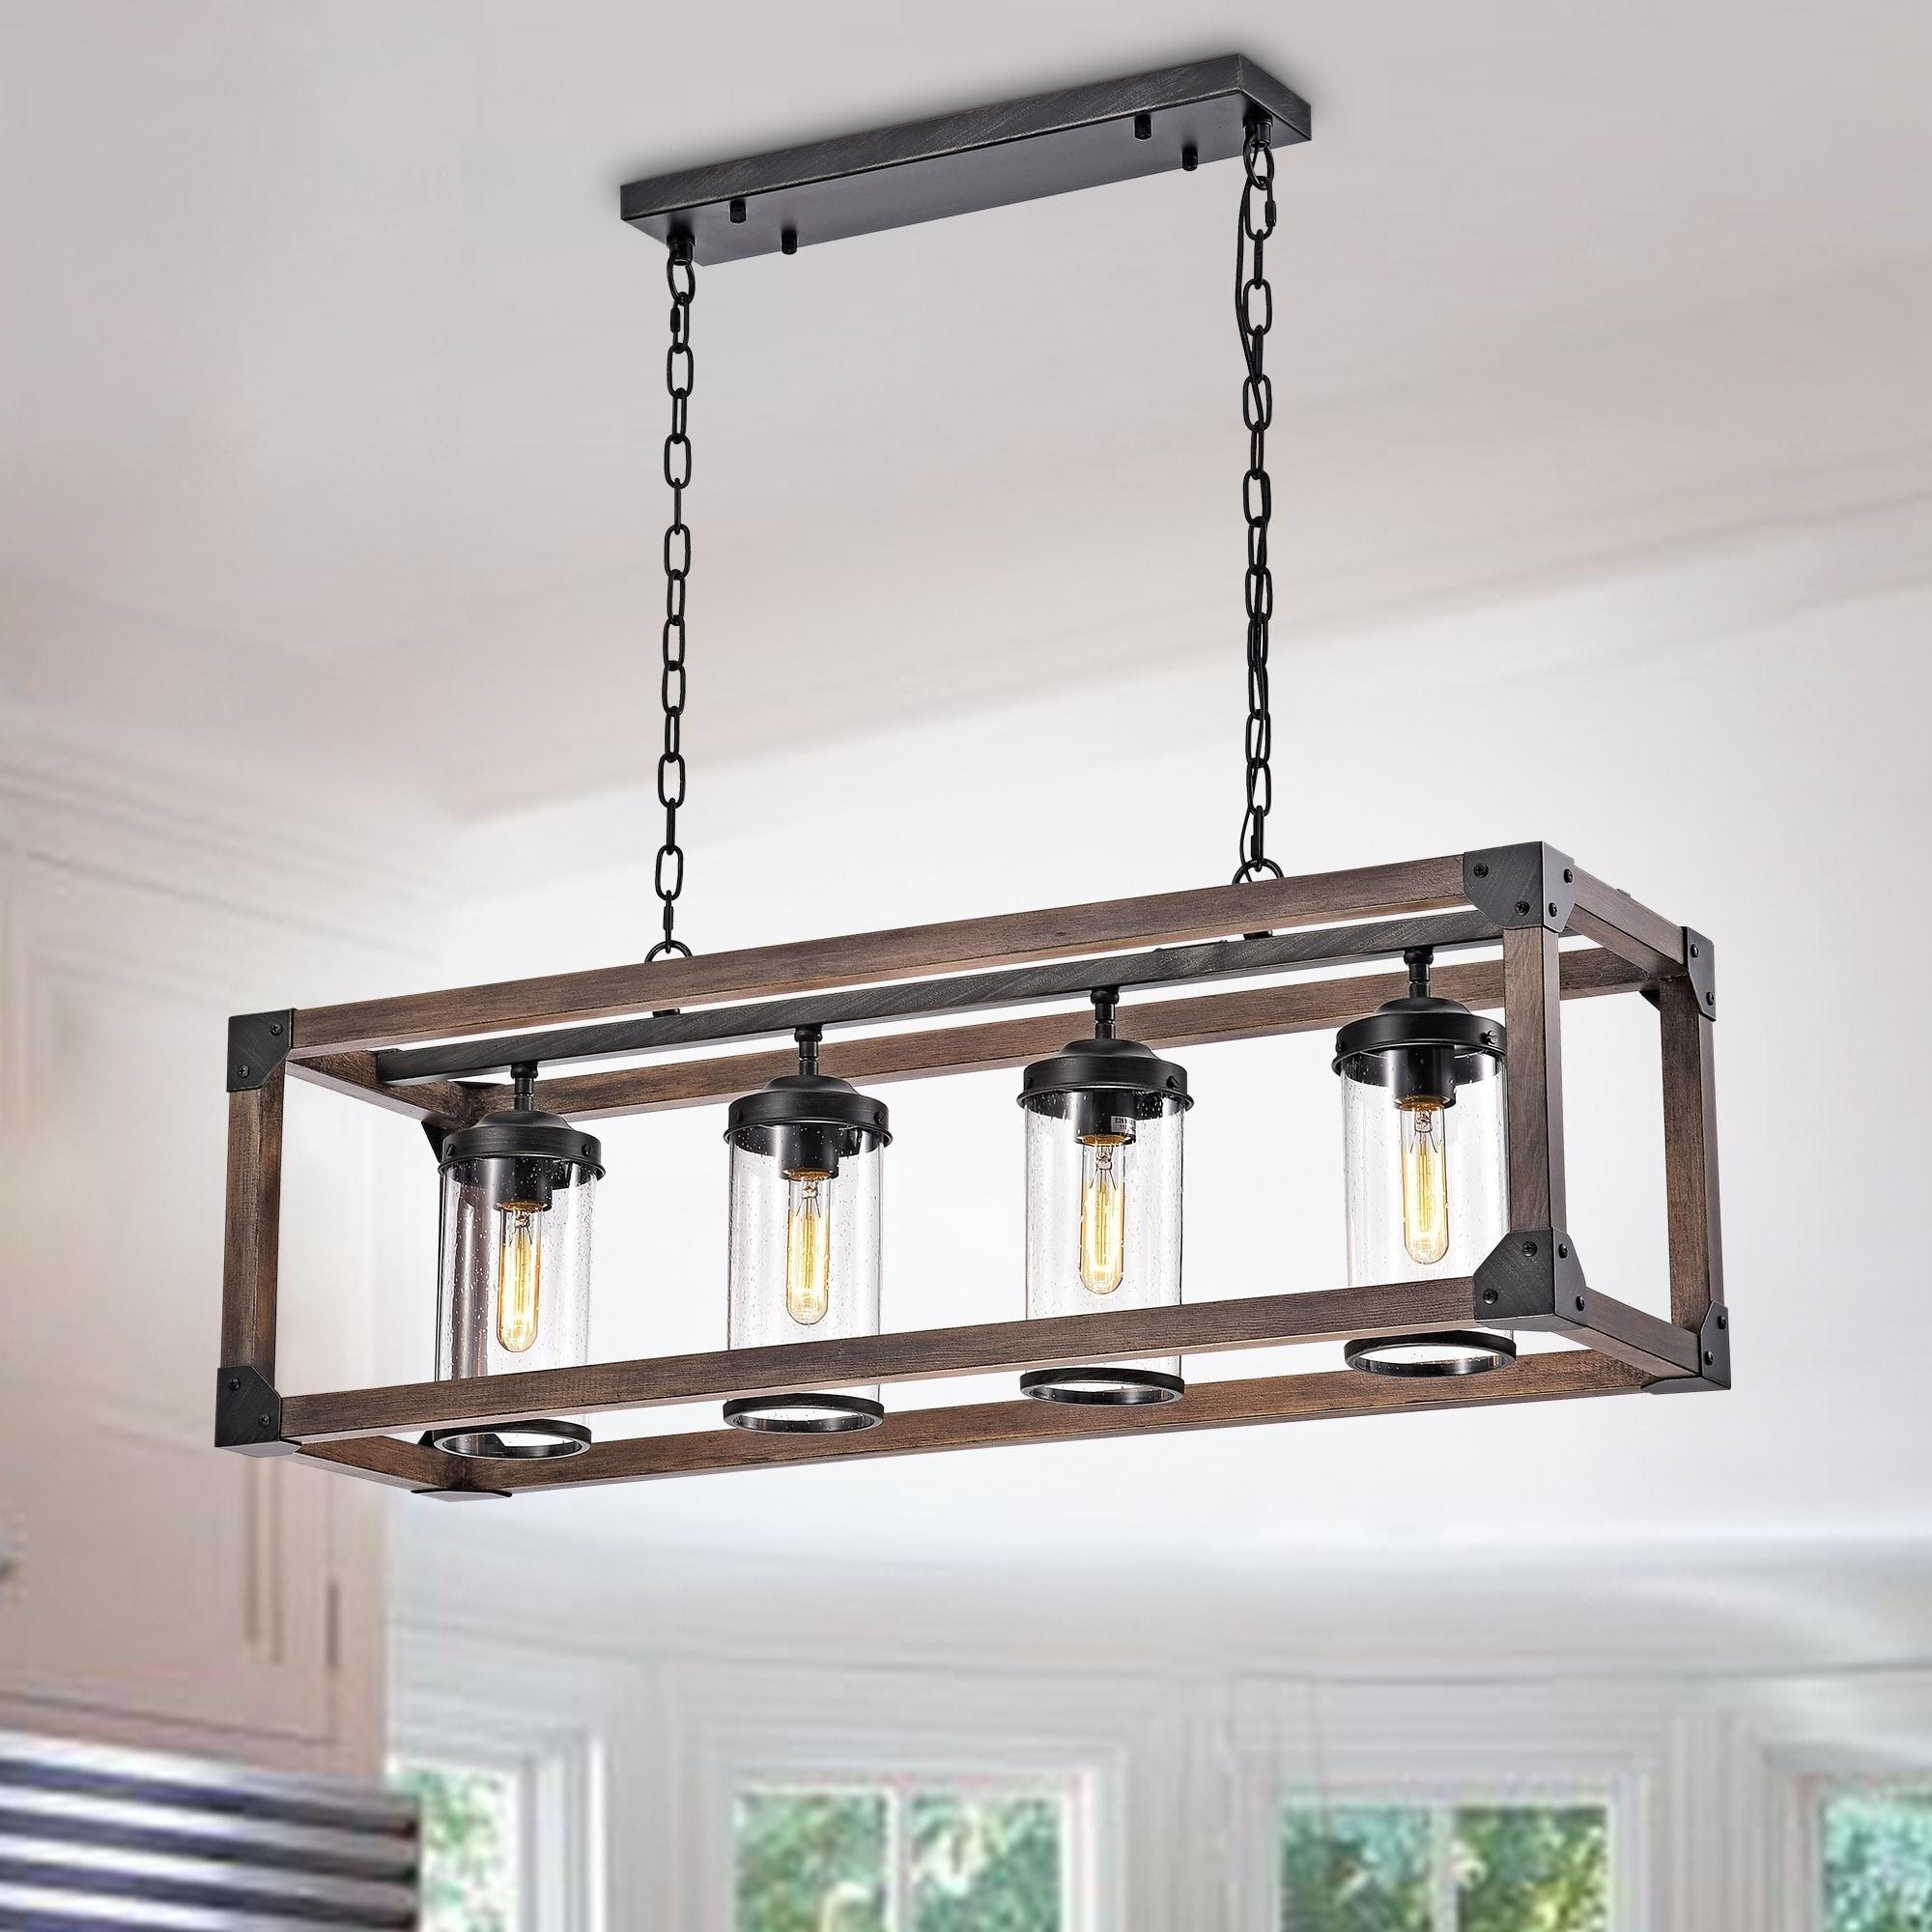 on sale 4d21a 5a6e7 Ceiling Lights | Shop our Best Lighting & Ceiling Fans Deals ...